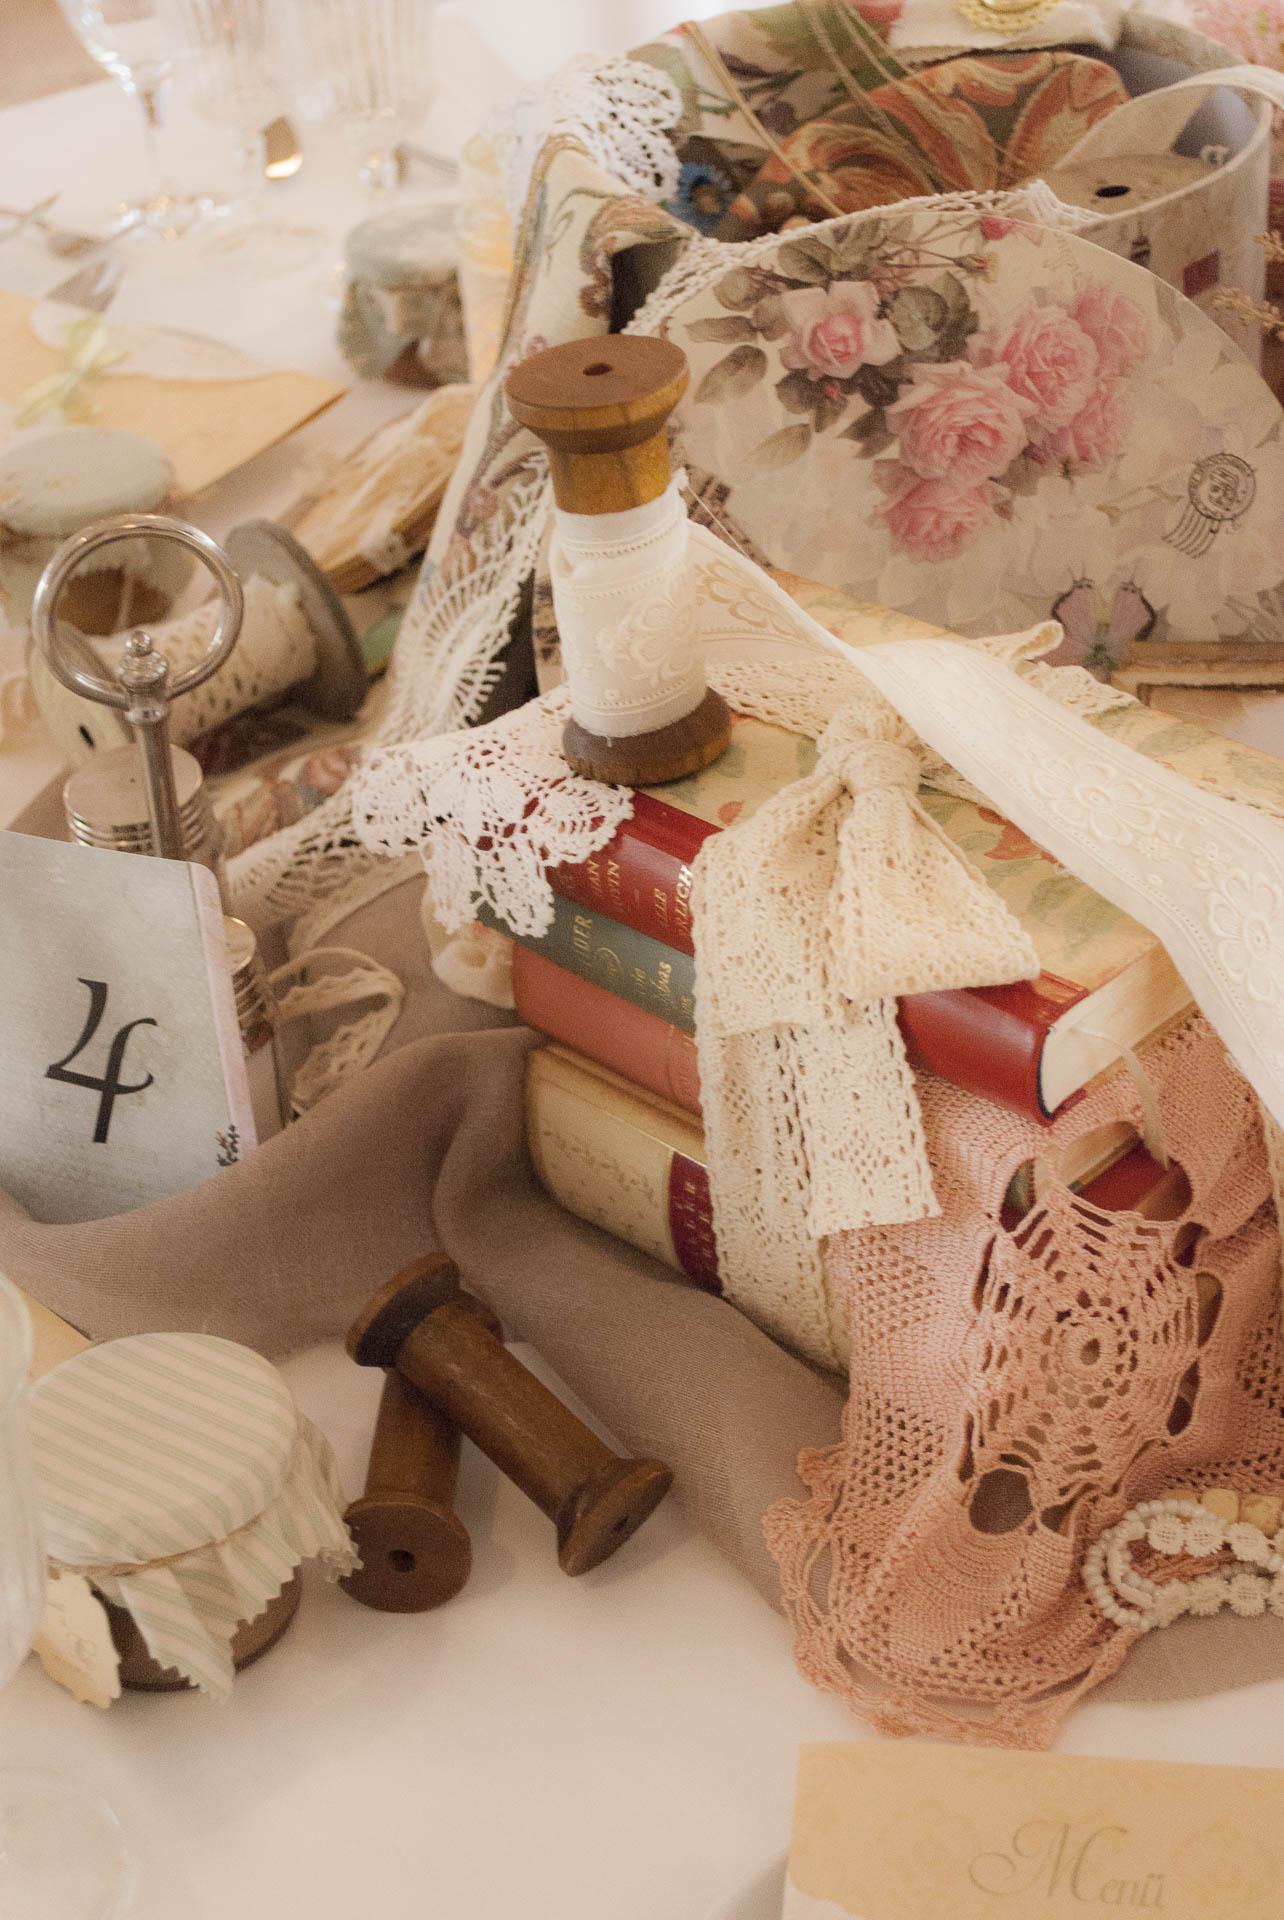 Außergewöhnlich Blickfang Alte Zeiten Dekoration Von Sammelobjekte Wie Uhren, Schmuck, Porzellan, Bücher, Gar